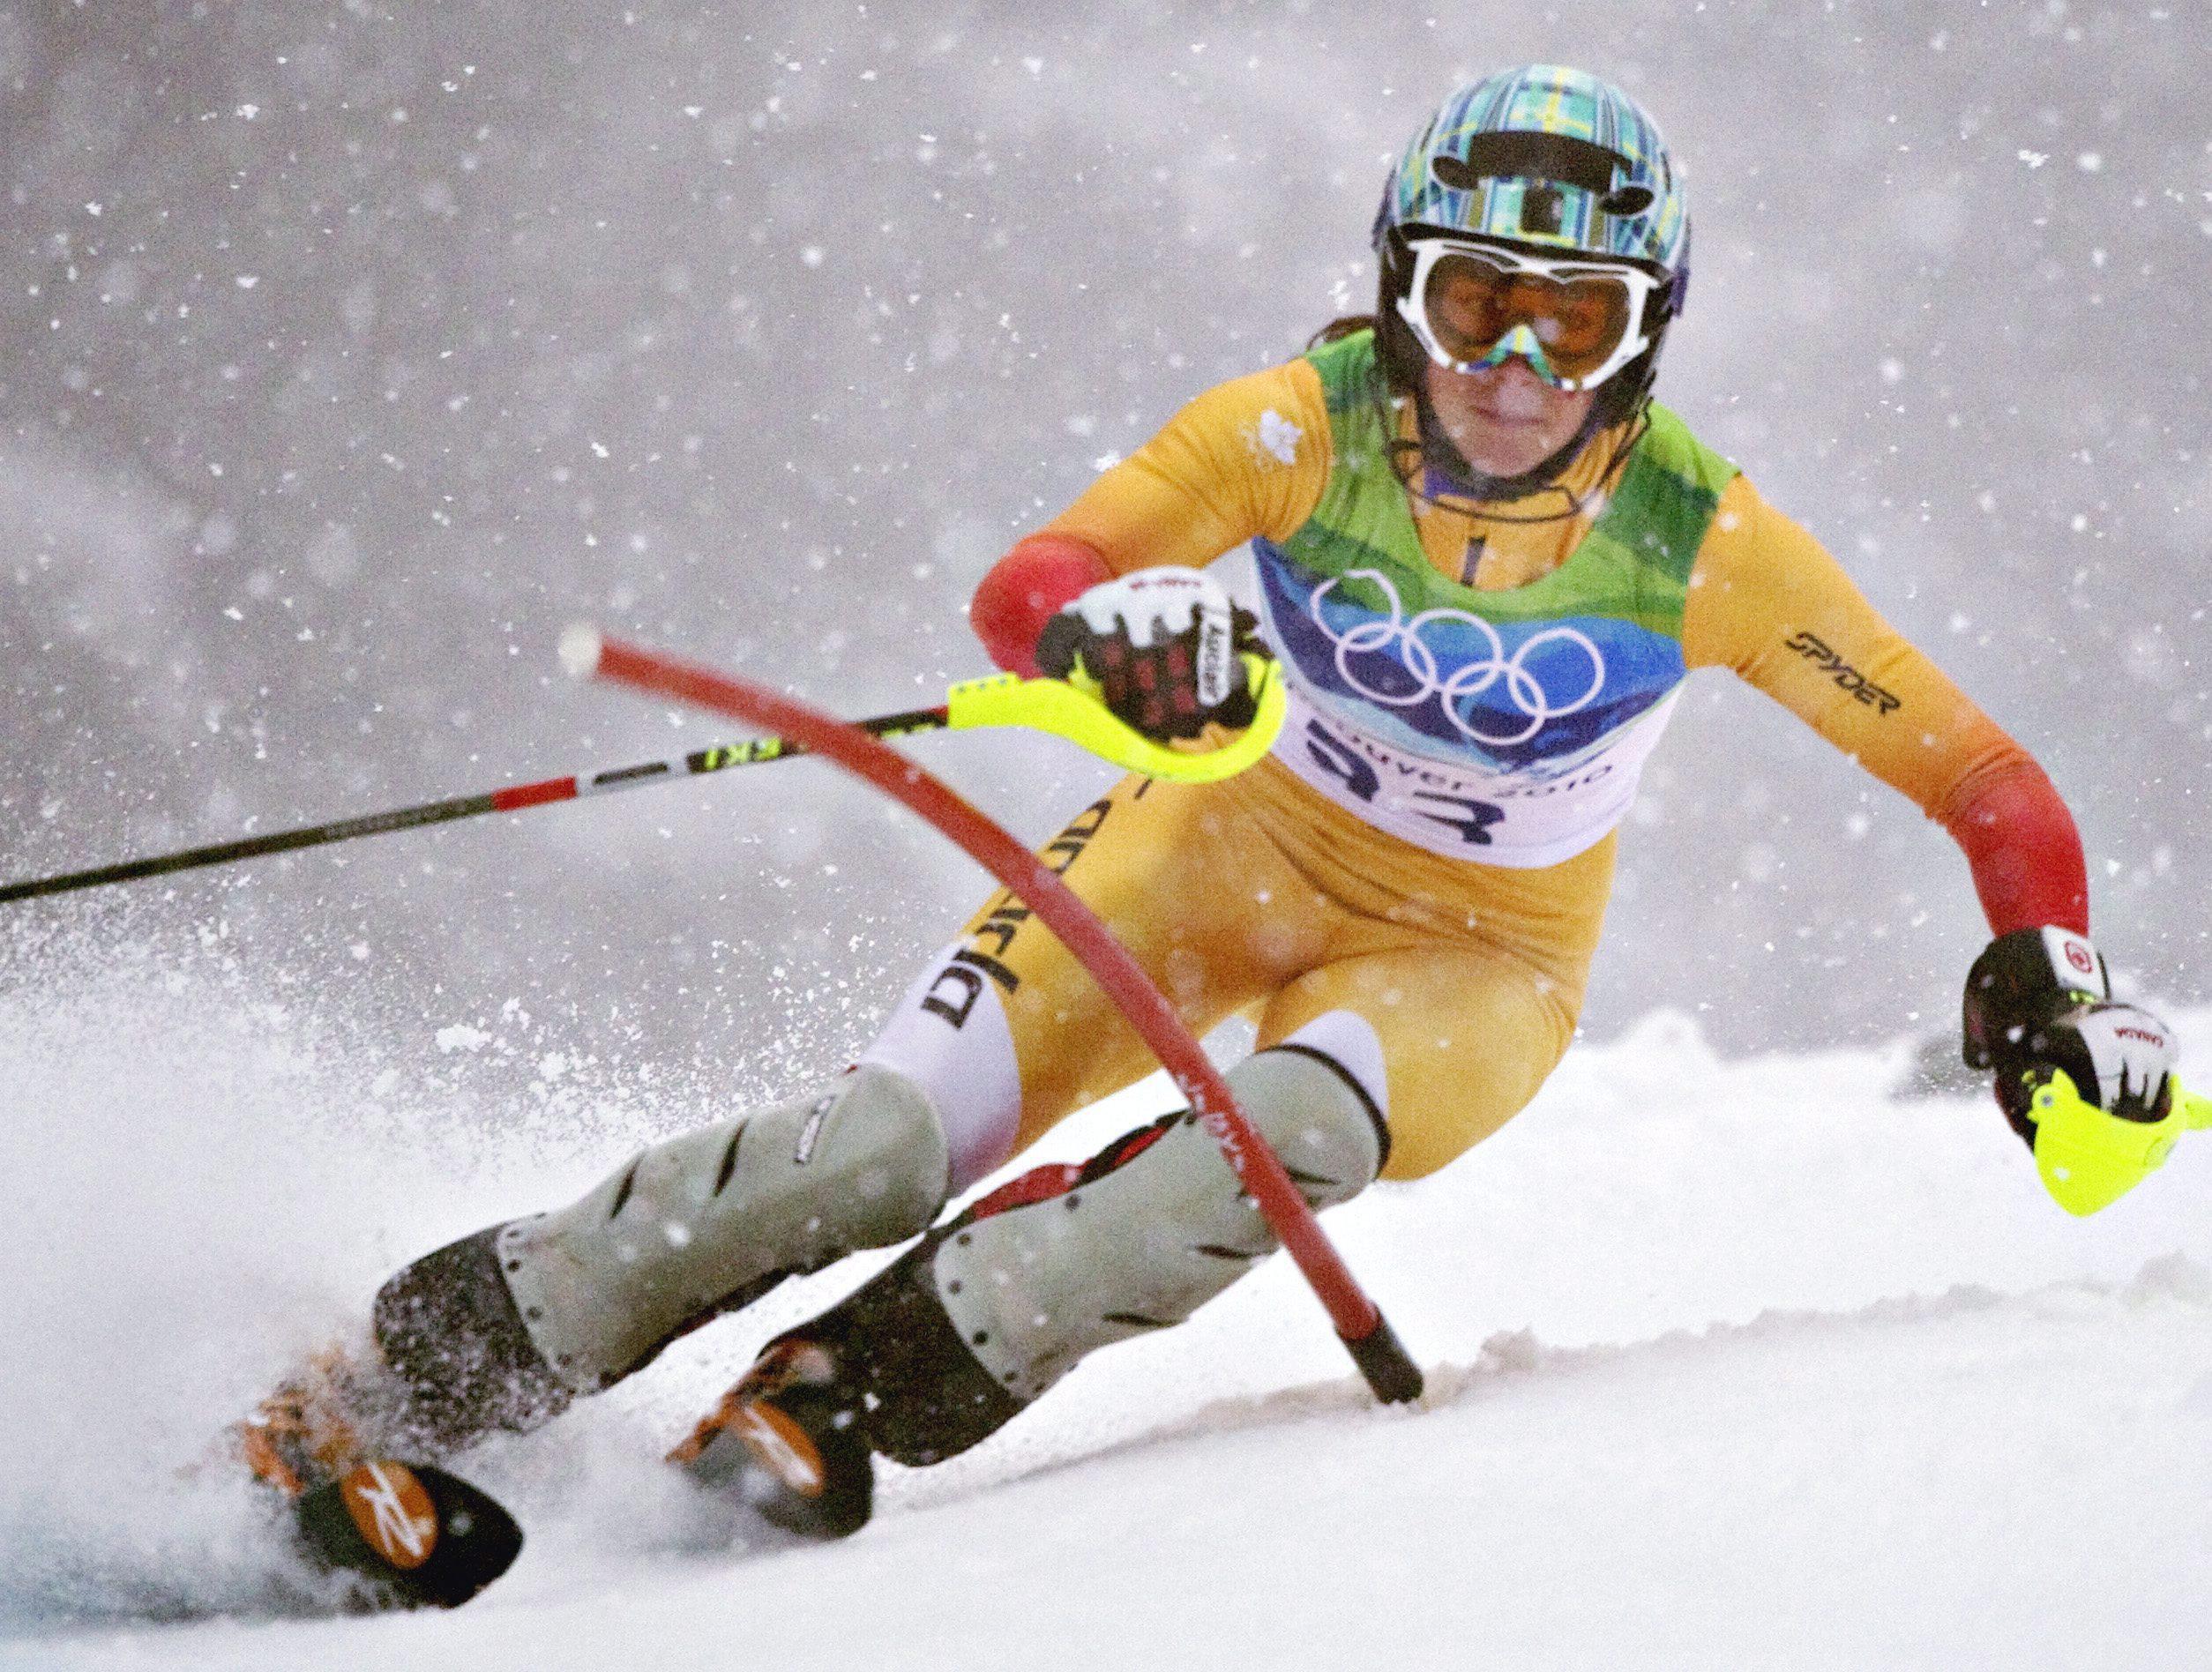 An alpine skier goes around a slalom gate